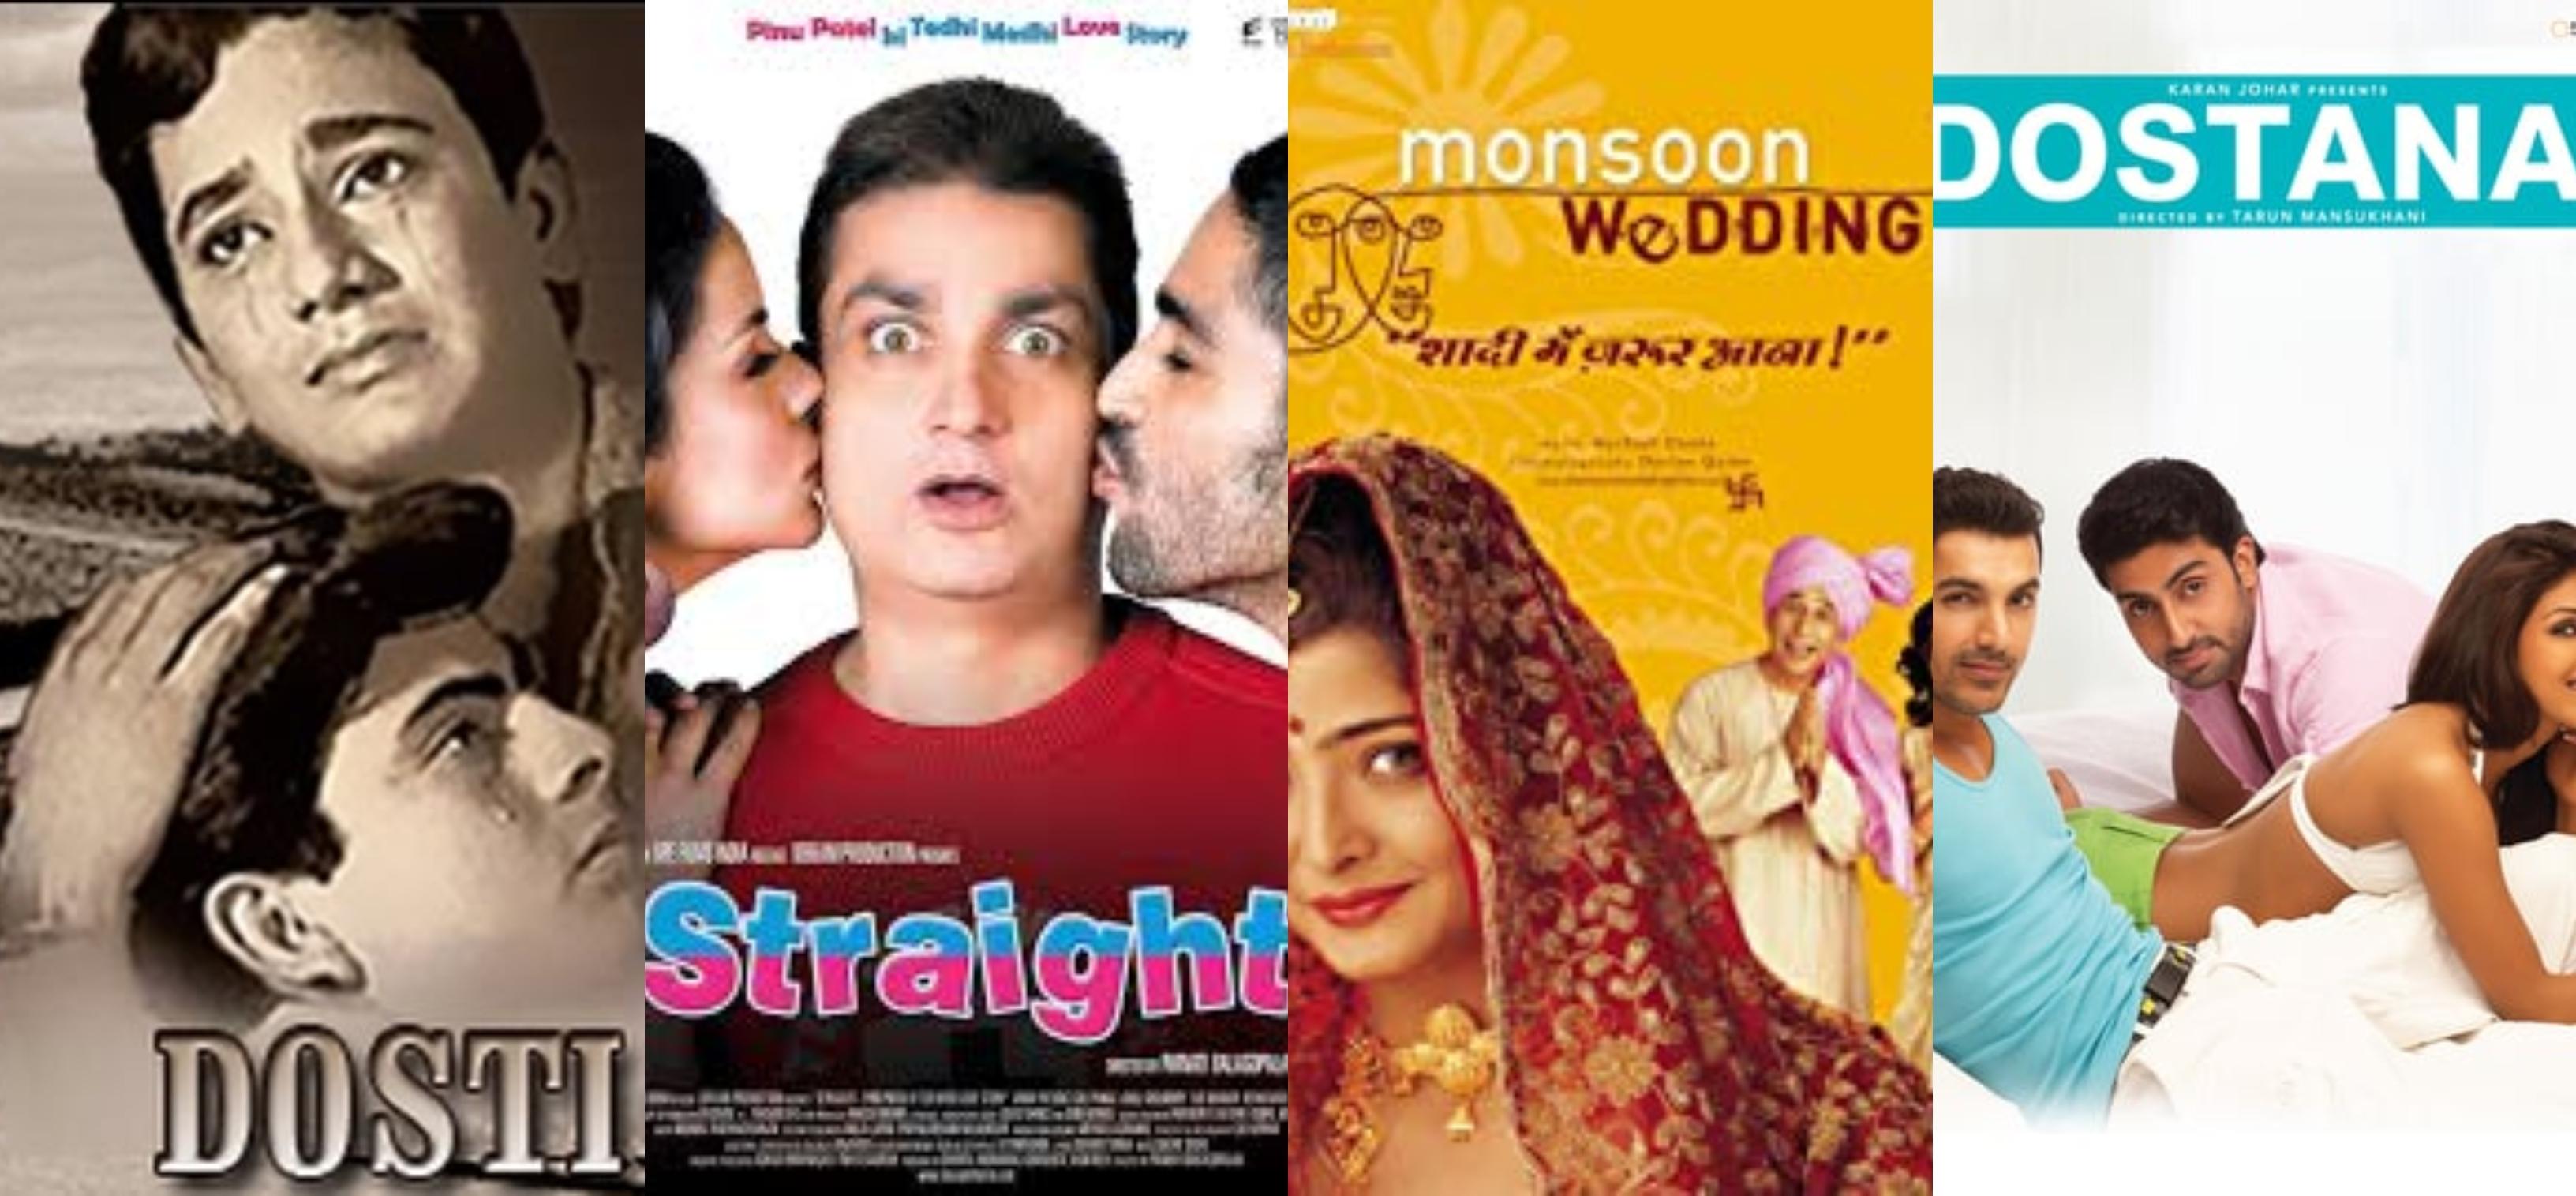 How Has Bollywood Dealt With Men Loving Men?